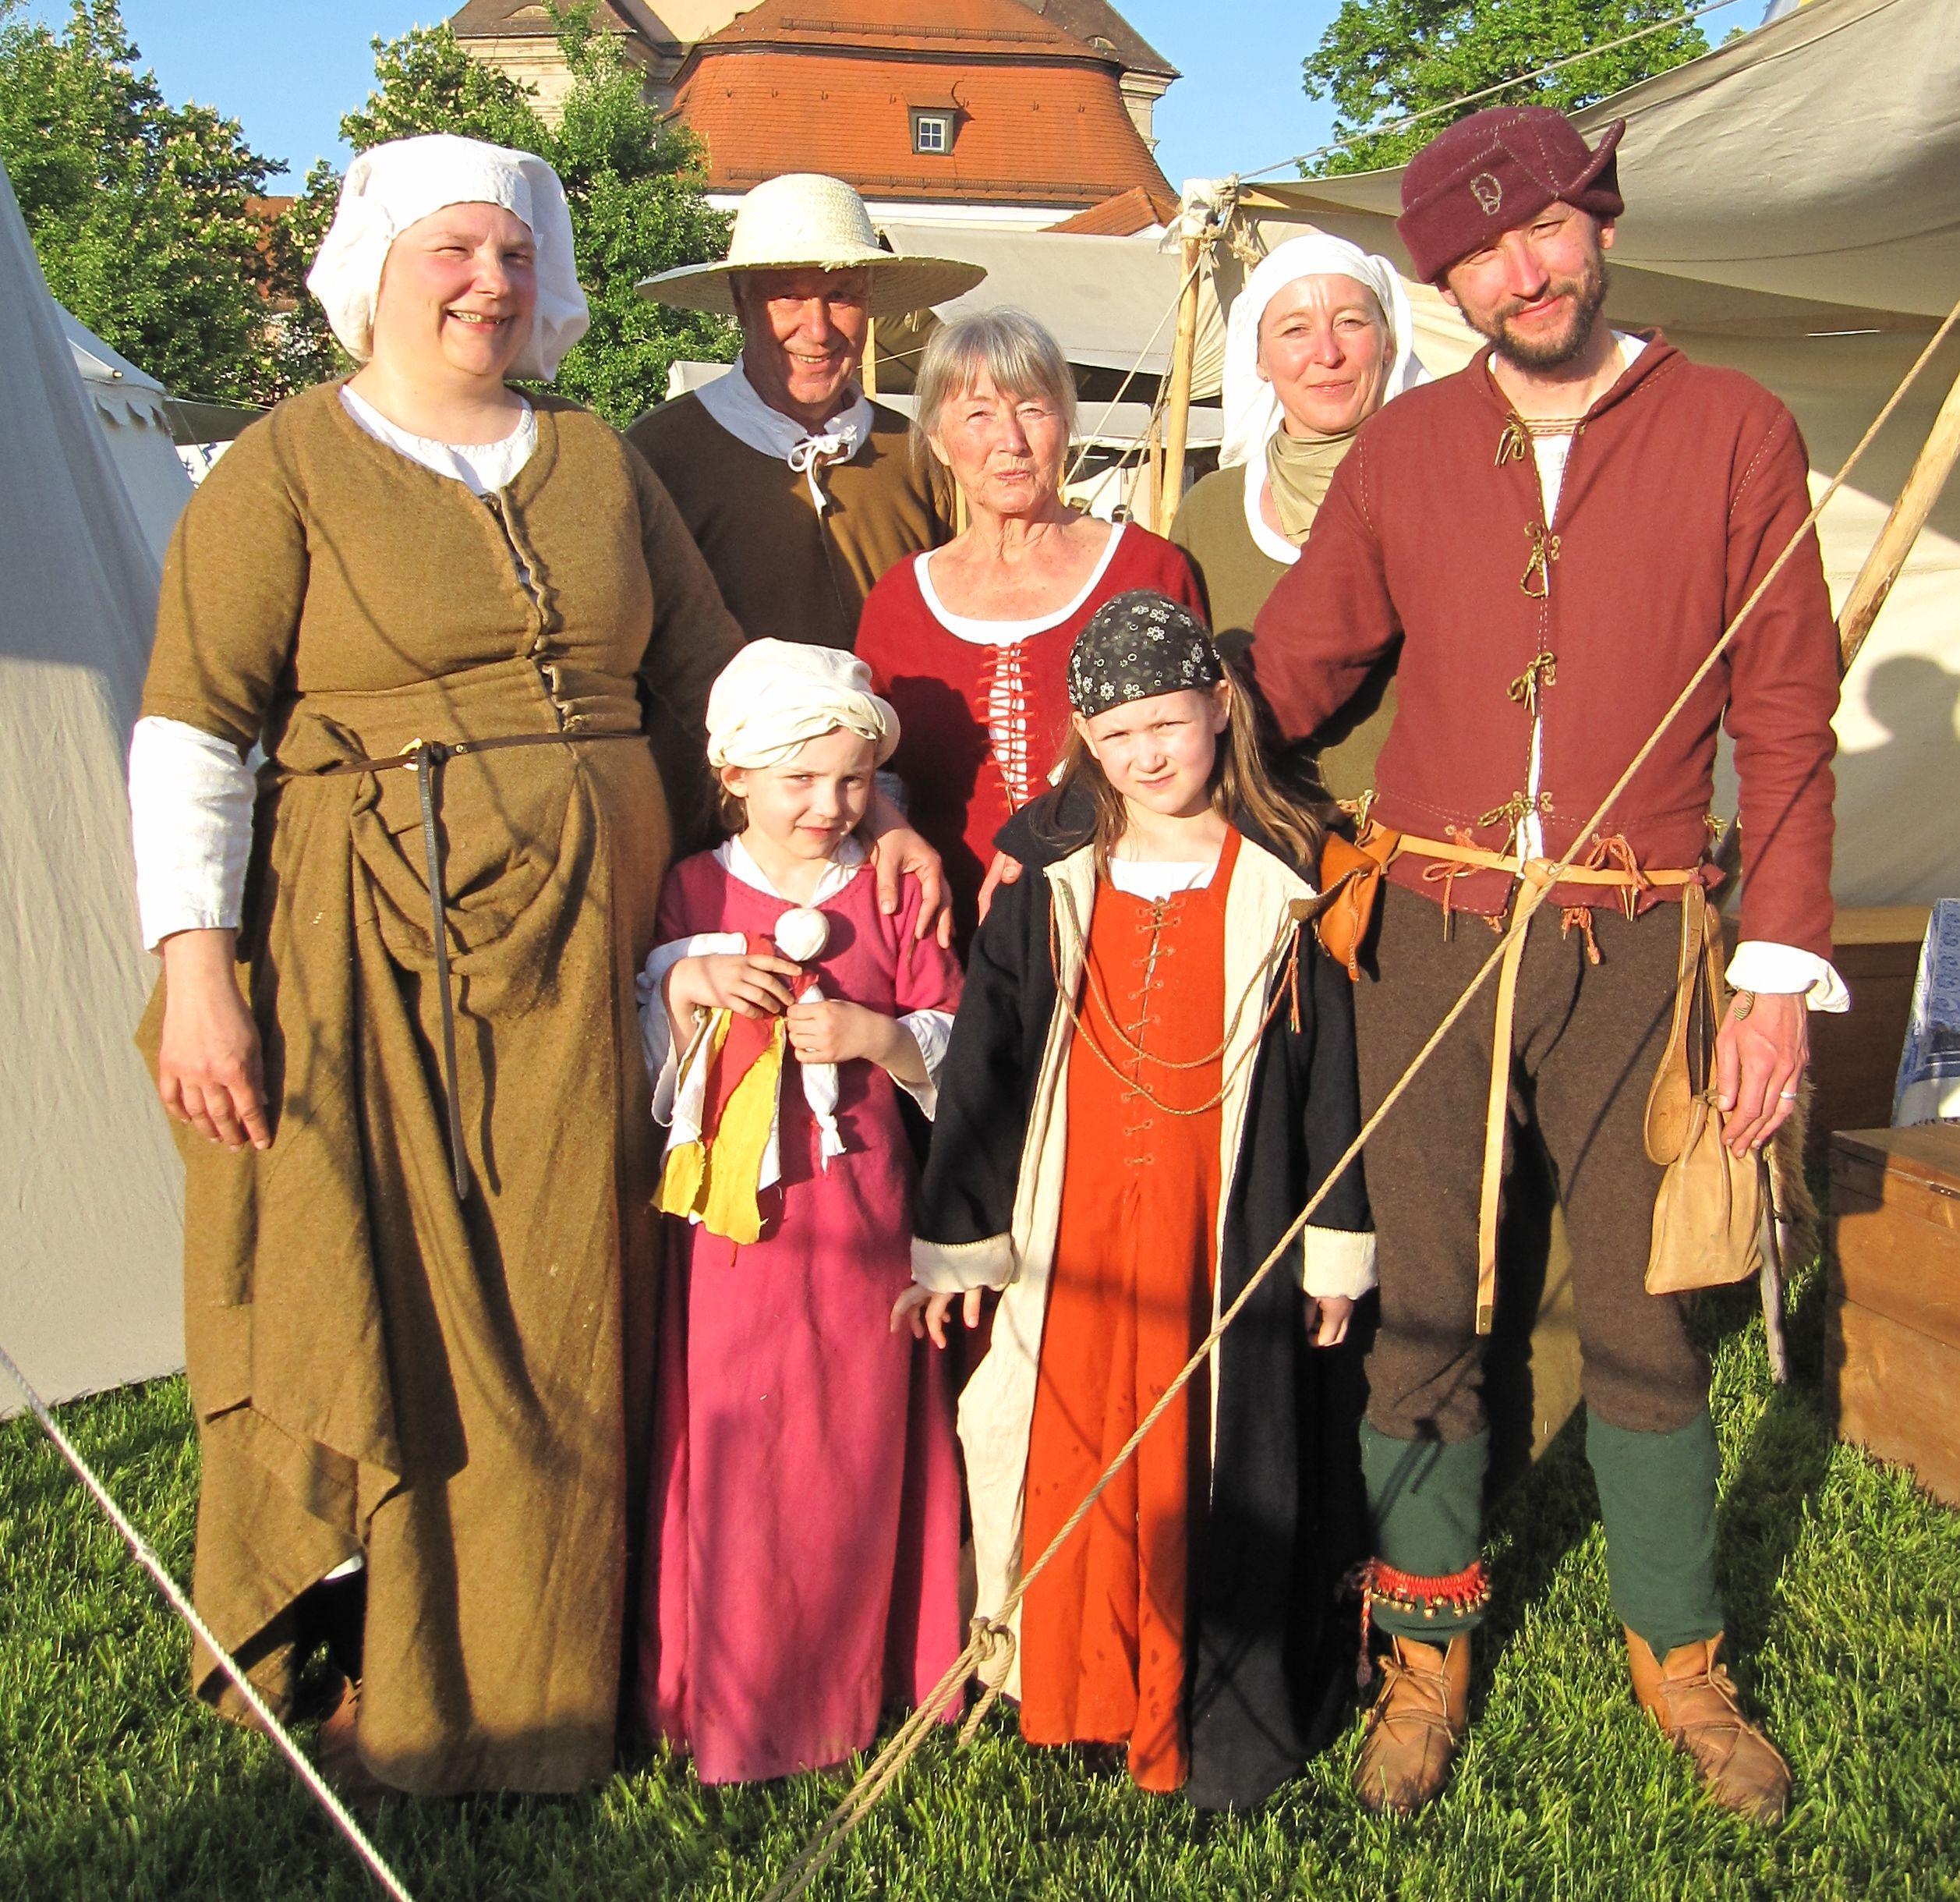 3 Generationen der Familie Brundelius in Ulm Wiblingen